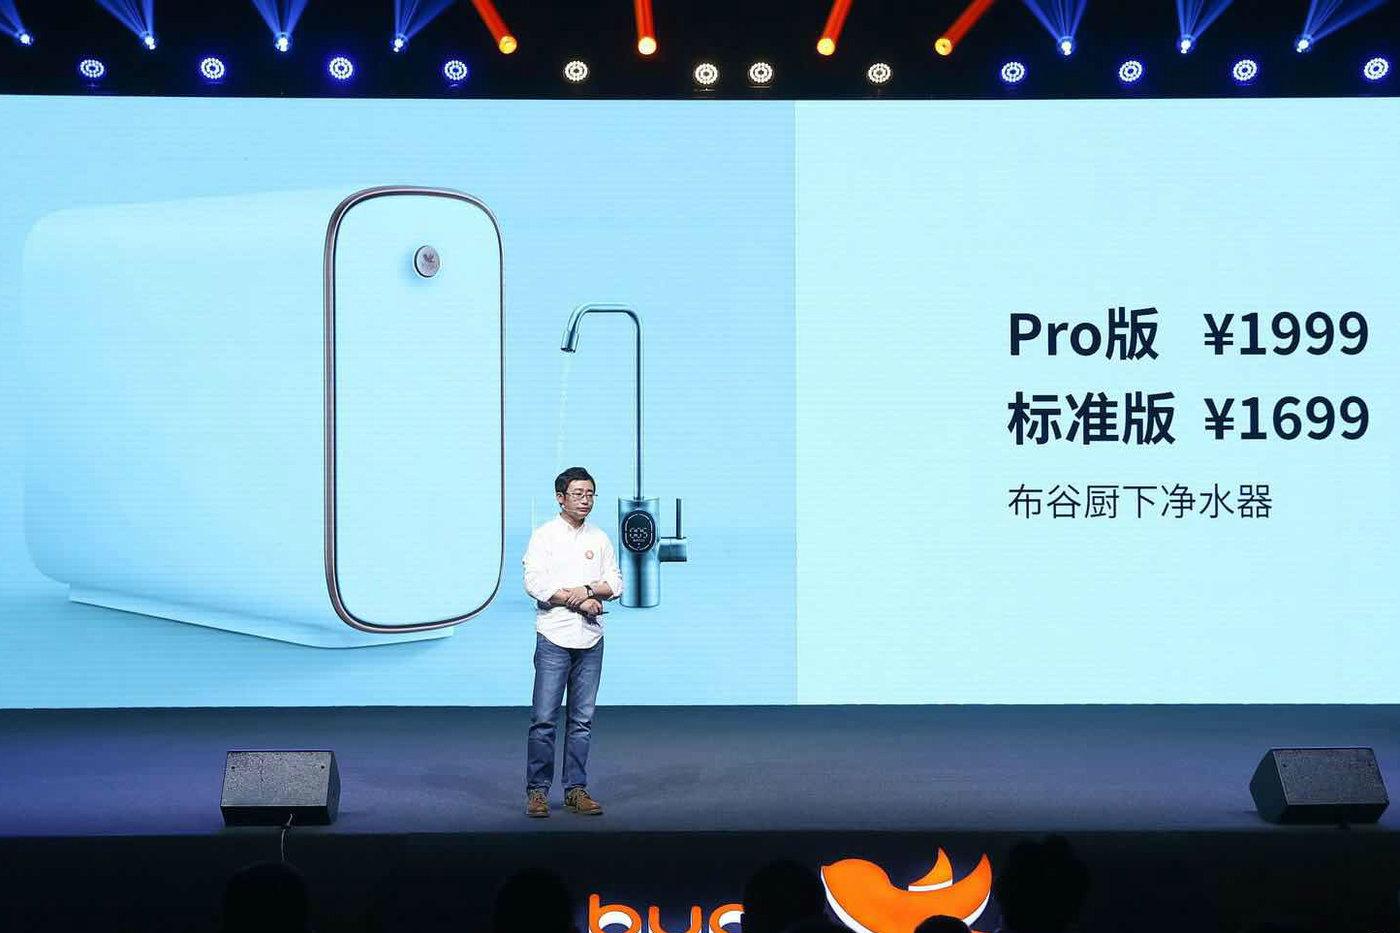 美的互联网品牌BUGU连推数款小家电产品,称一定程度上已超越小米